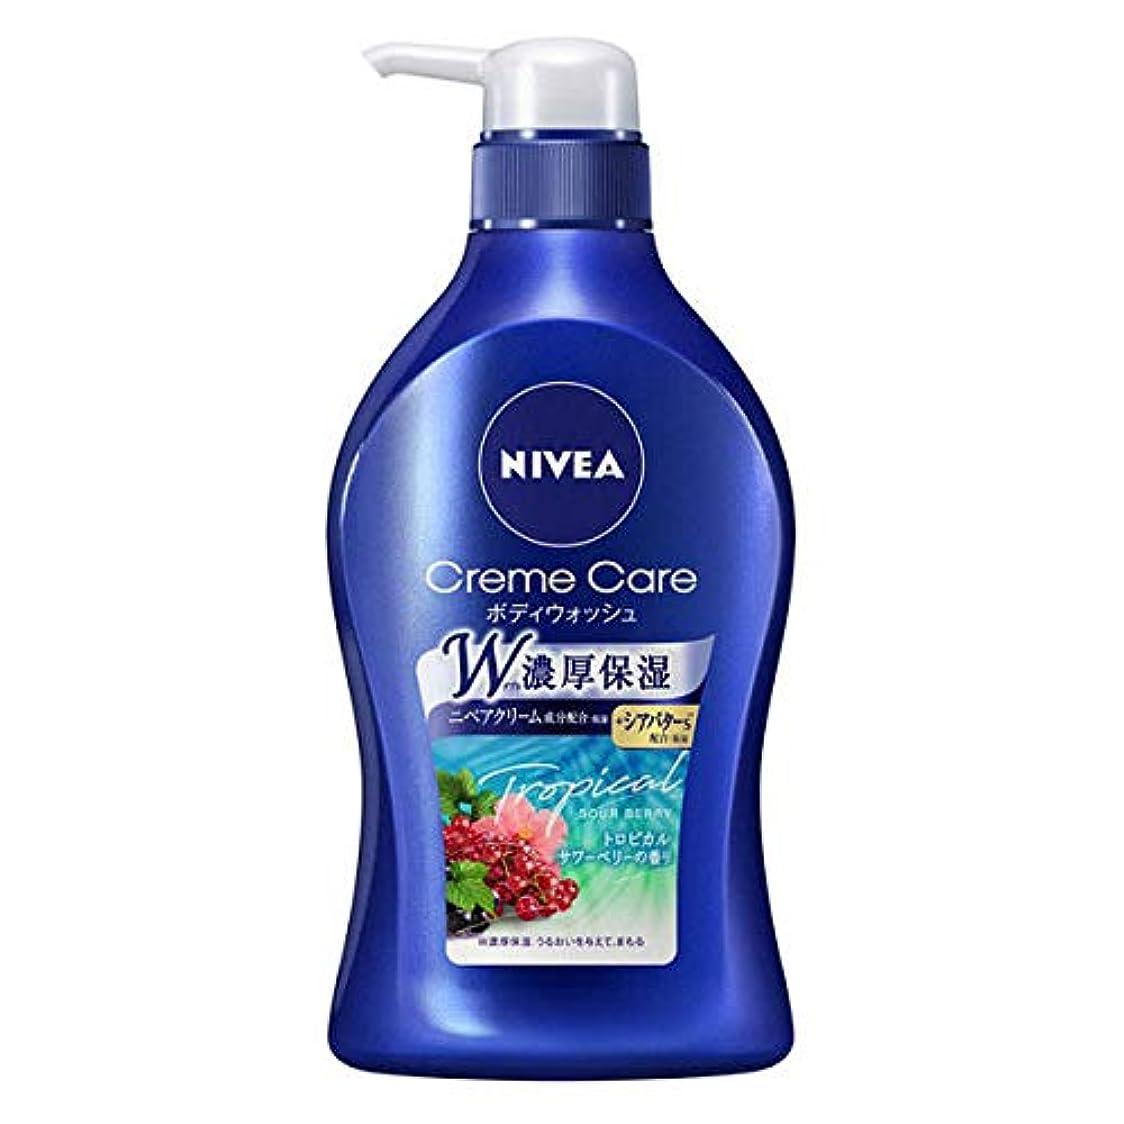 ポスター試用漏れニベア クリームケア ボディウォッシュ トロピカルサワーベリーの香り ポンプ 480ml 花王